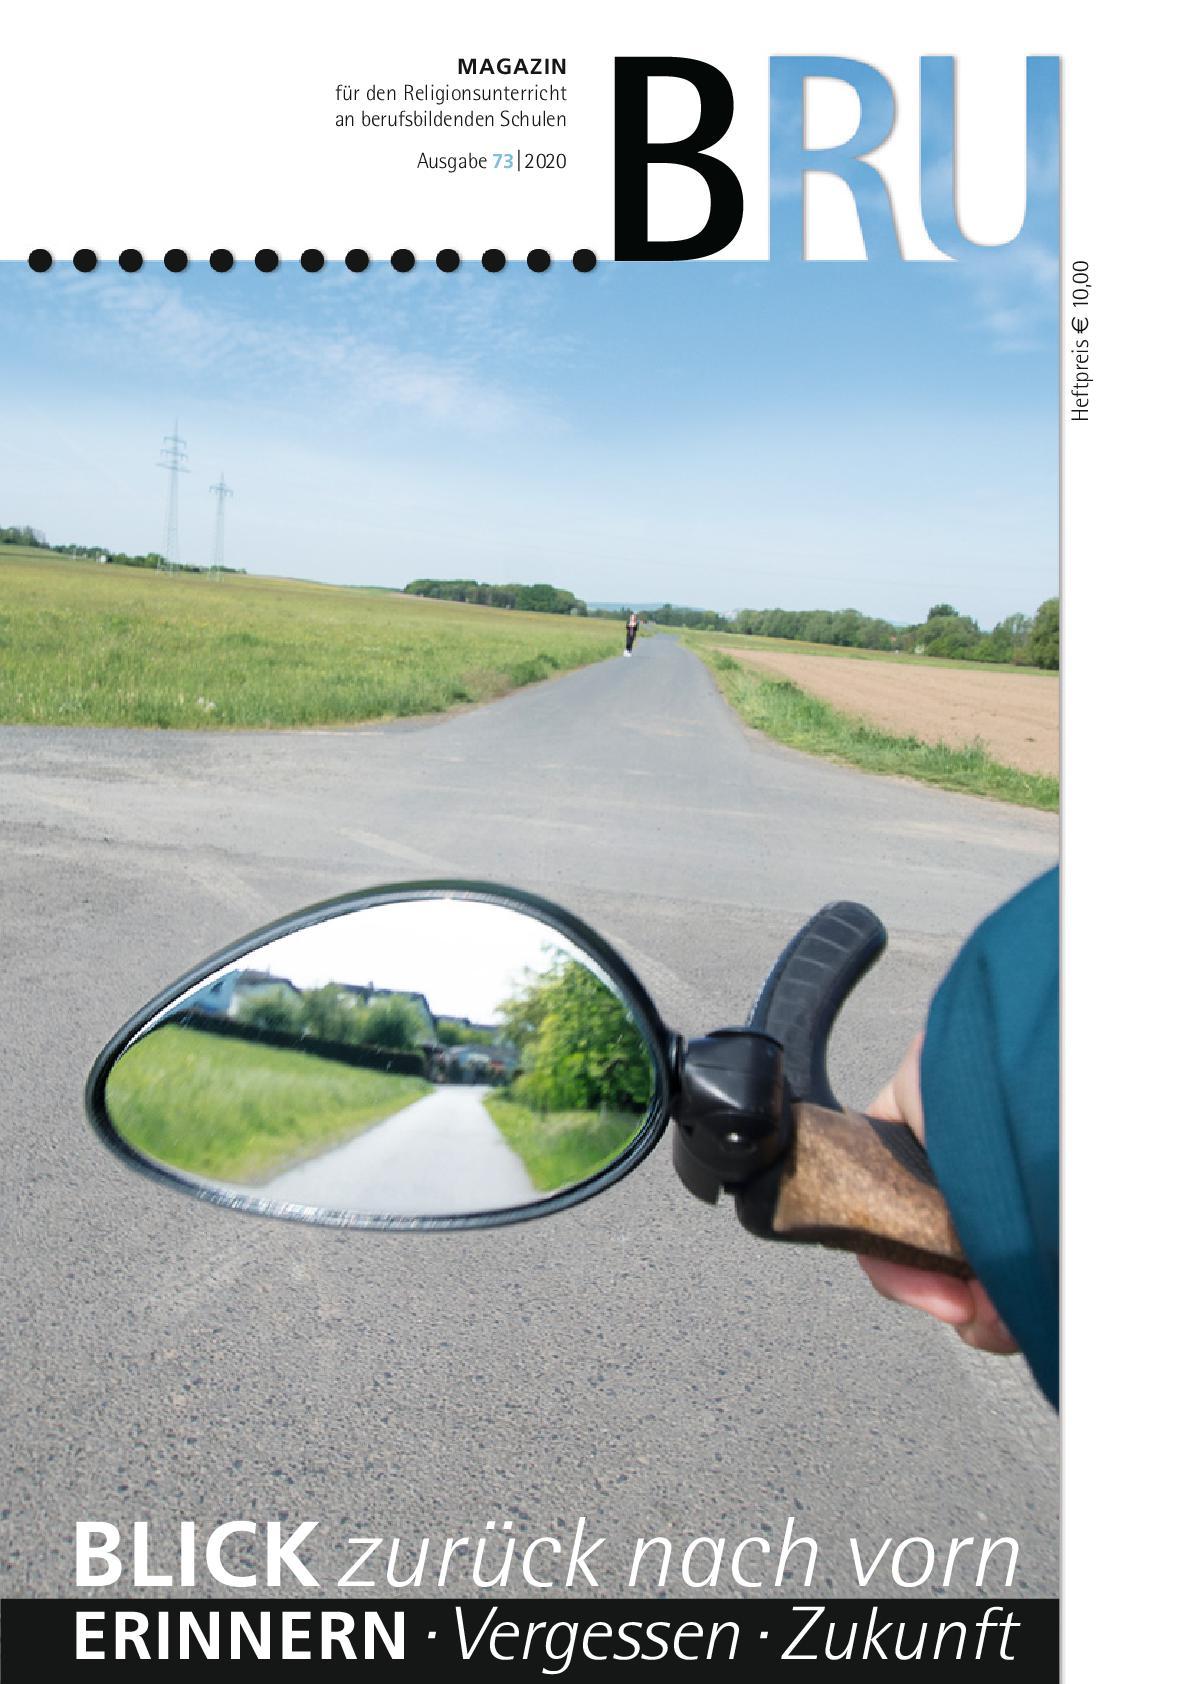 Blick zurück nach vorn, Erinnern, Vergessen, Zukunft, Bild Rückspiegel